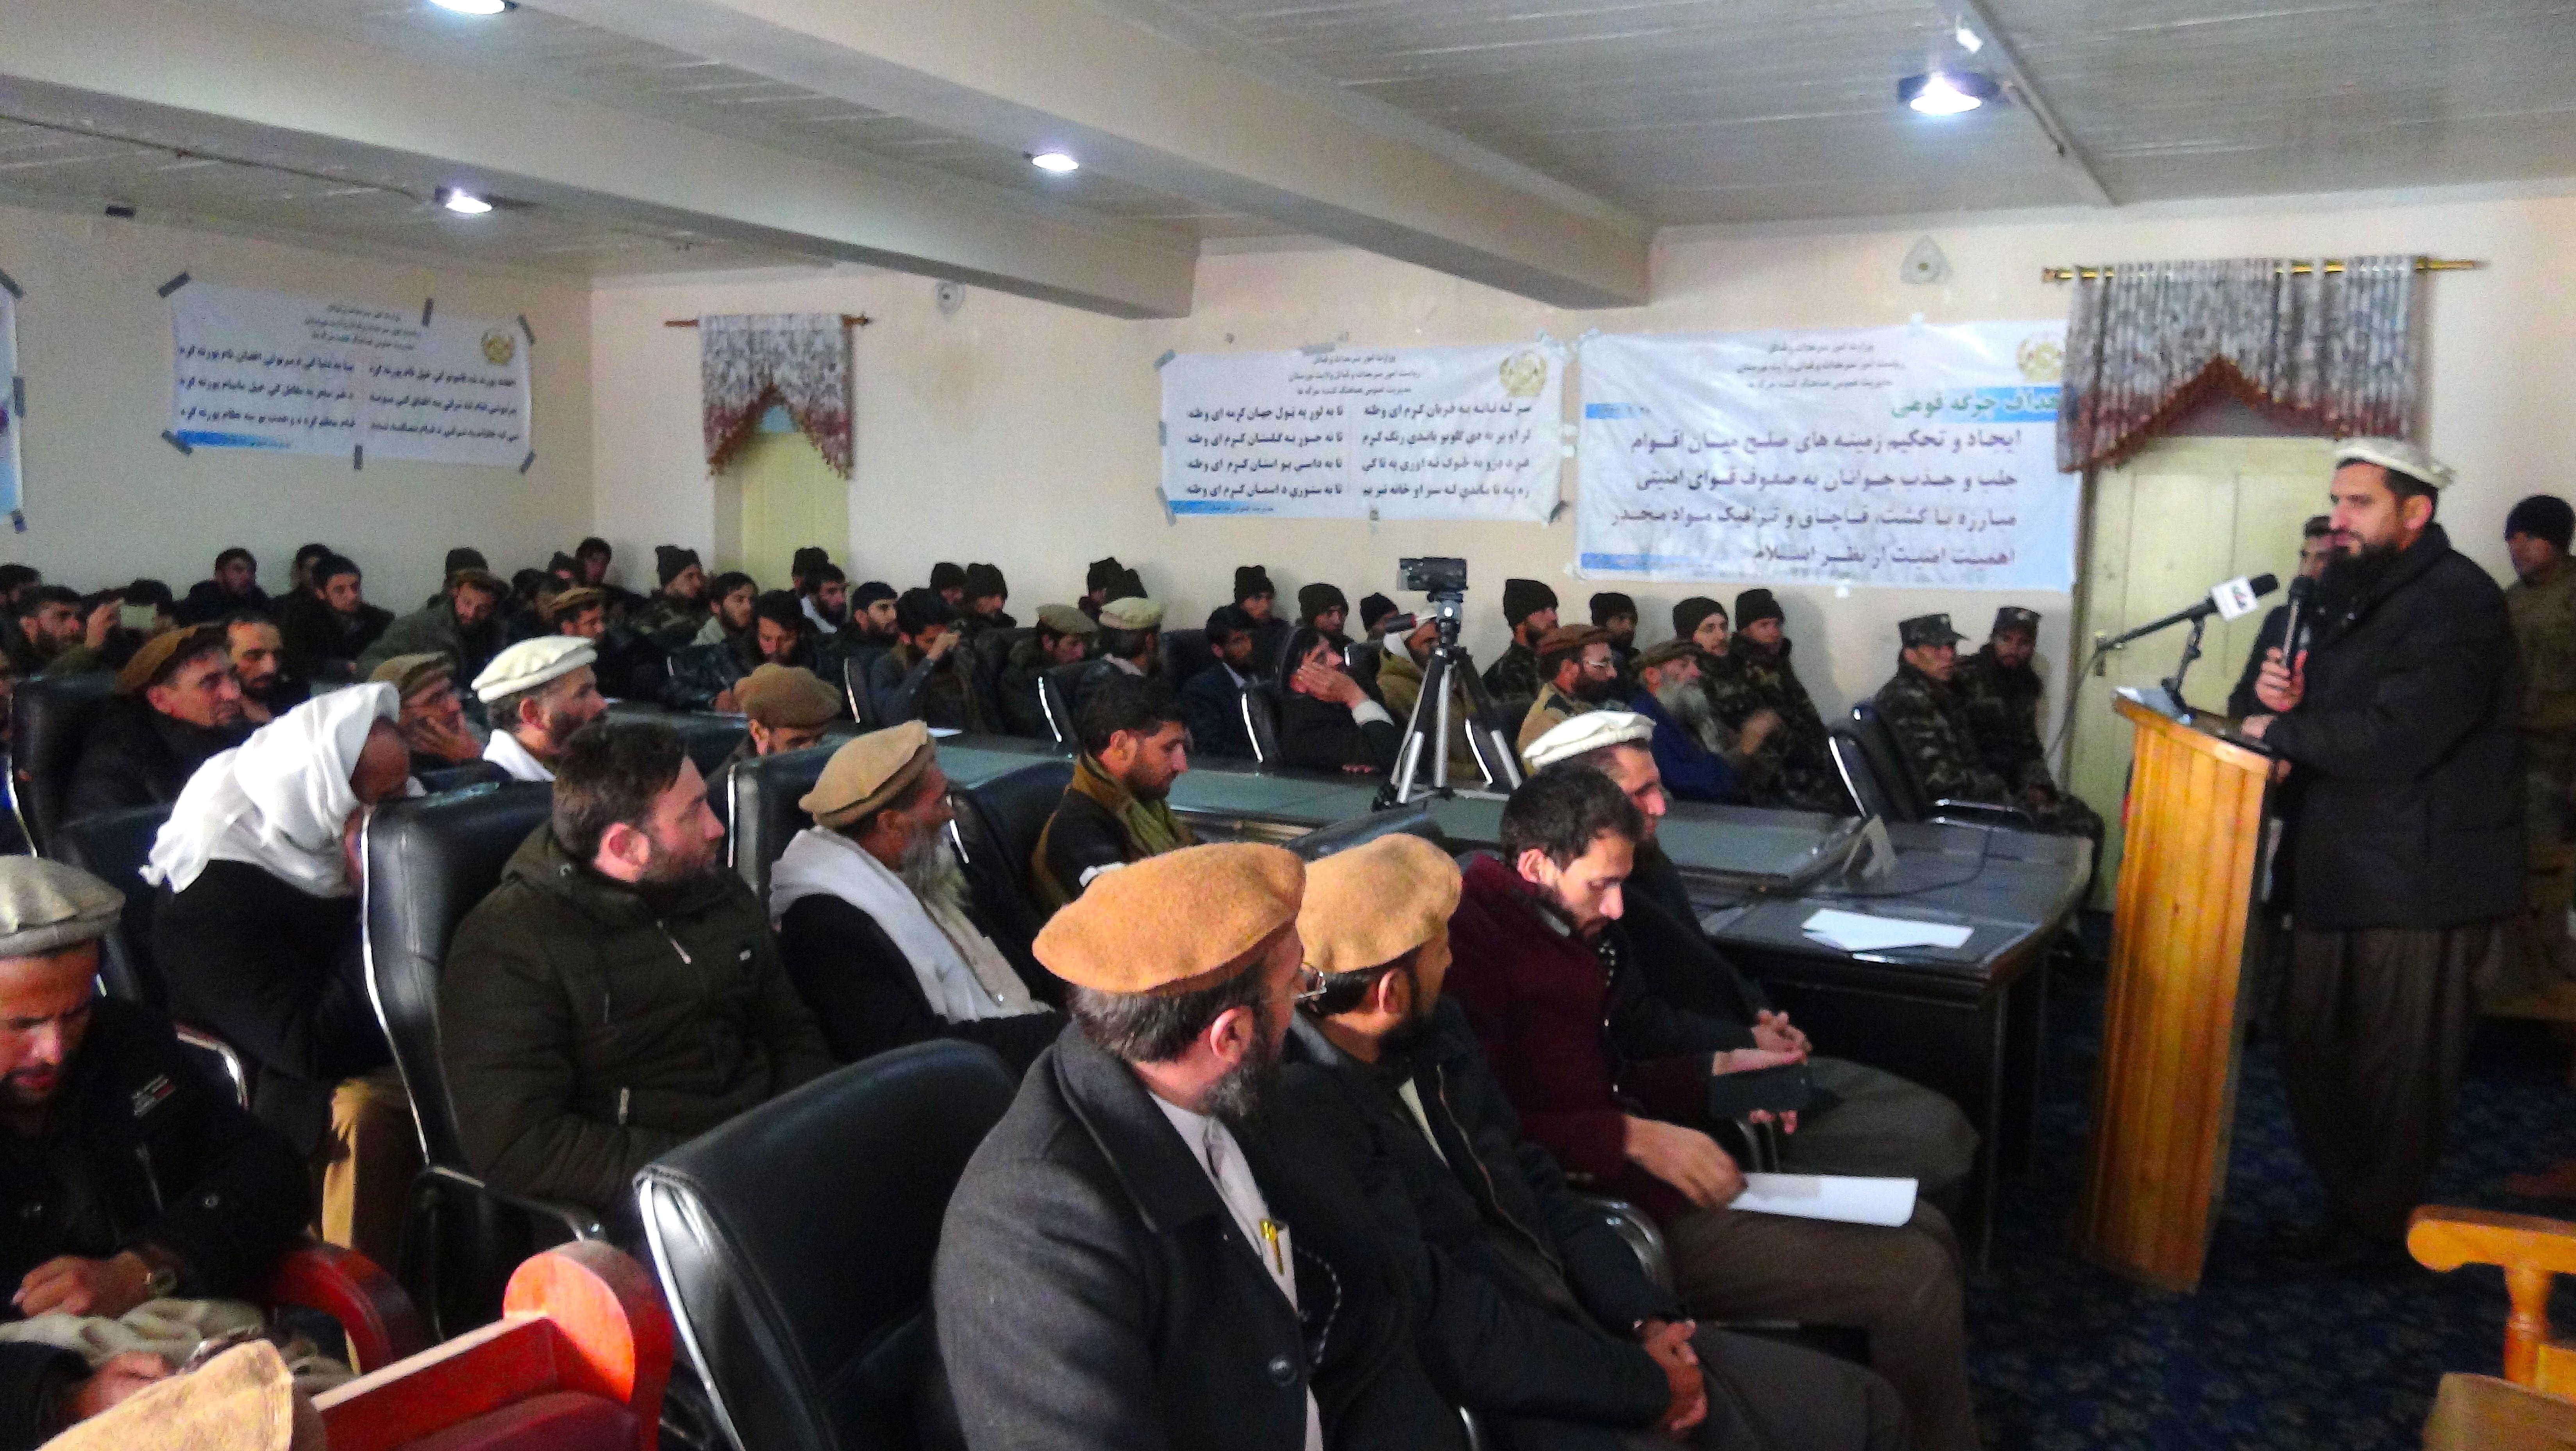 تأکید مجدد بزرگان و علمای نورستان بر حمایت شان از نیروهای امنیتی افغانستان